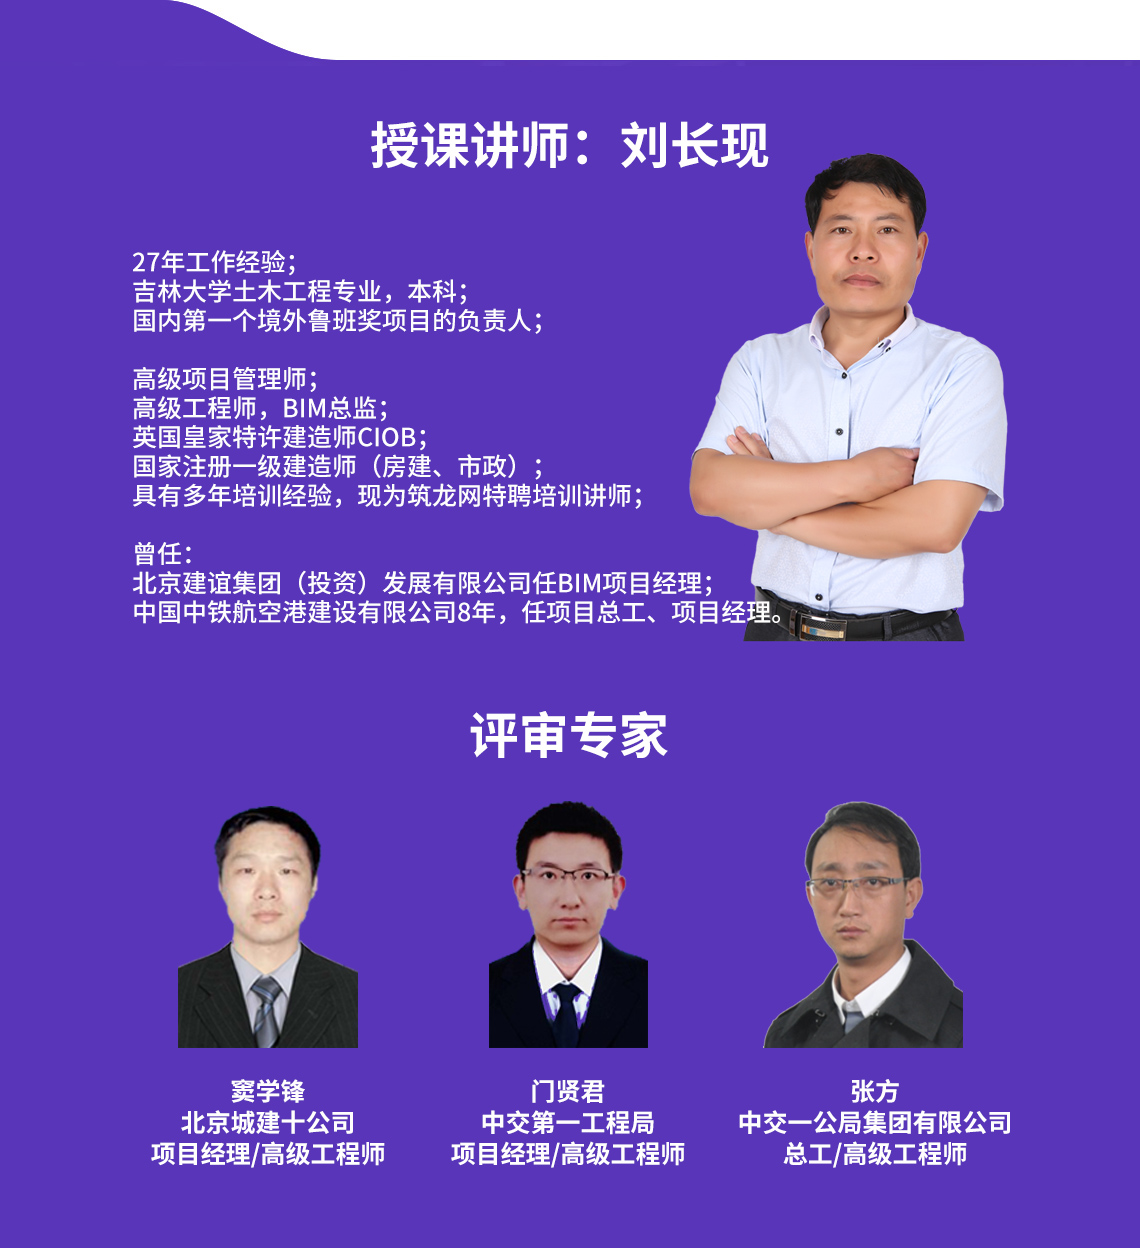 BIM项目管理证书考试讲师刘长现,BIM实操第一人,具备丰富的BIM项目管理经验,保障BIM项目管理课程的教学效果。